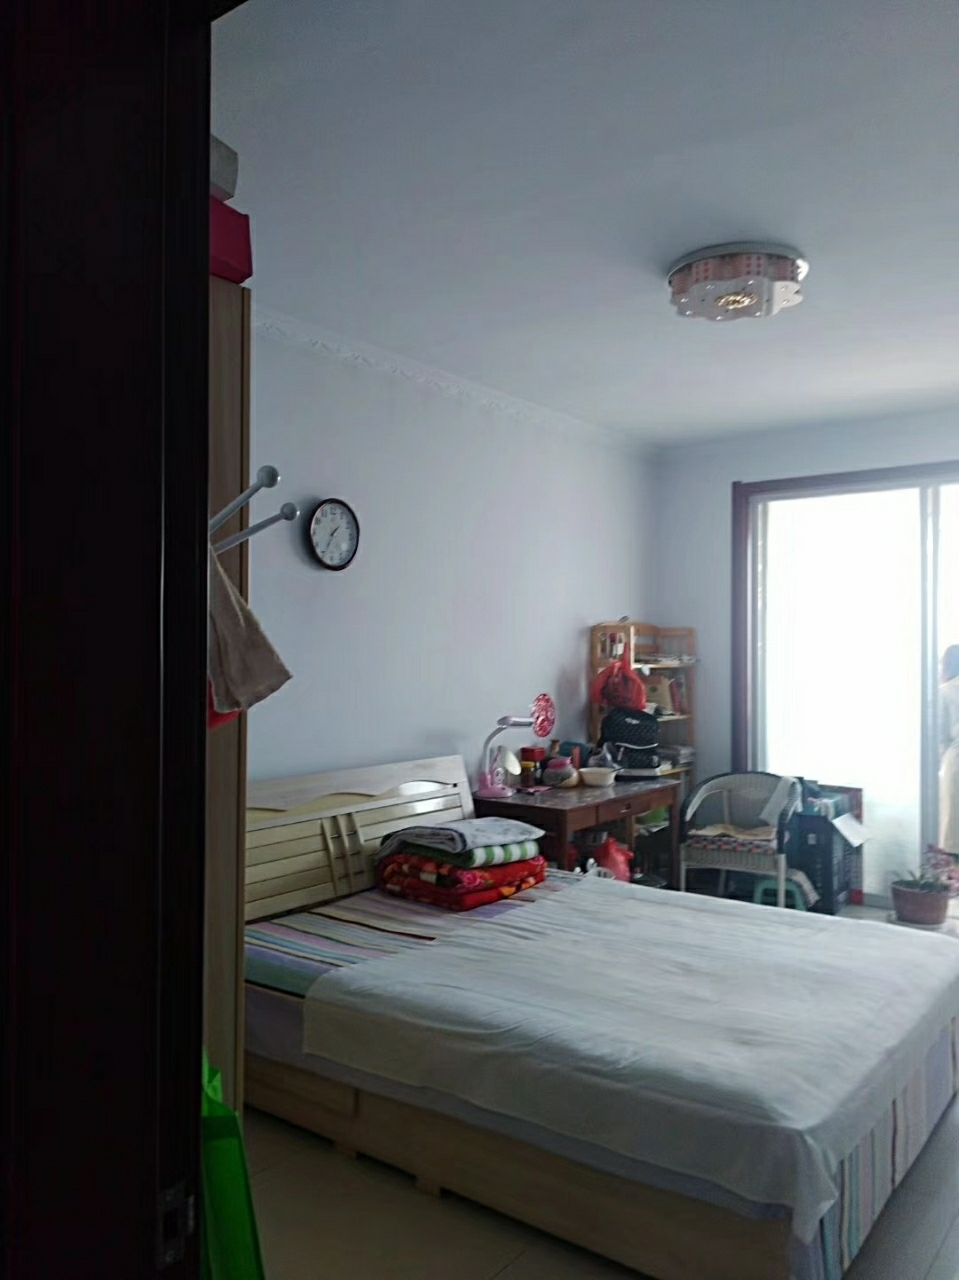 宝石家园4楼不是顶楼2室 2厅 1卫62万元